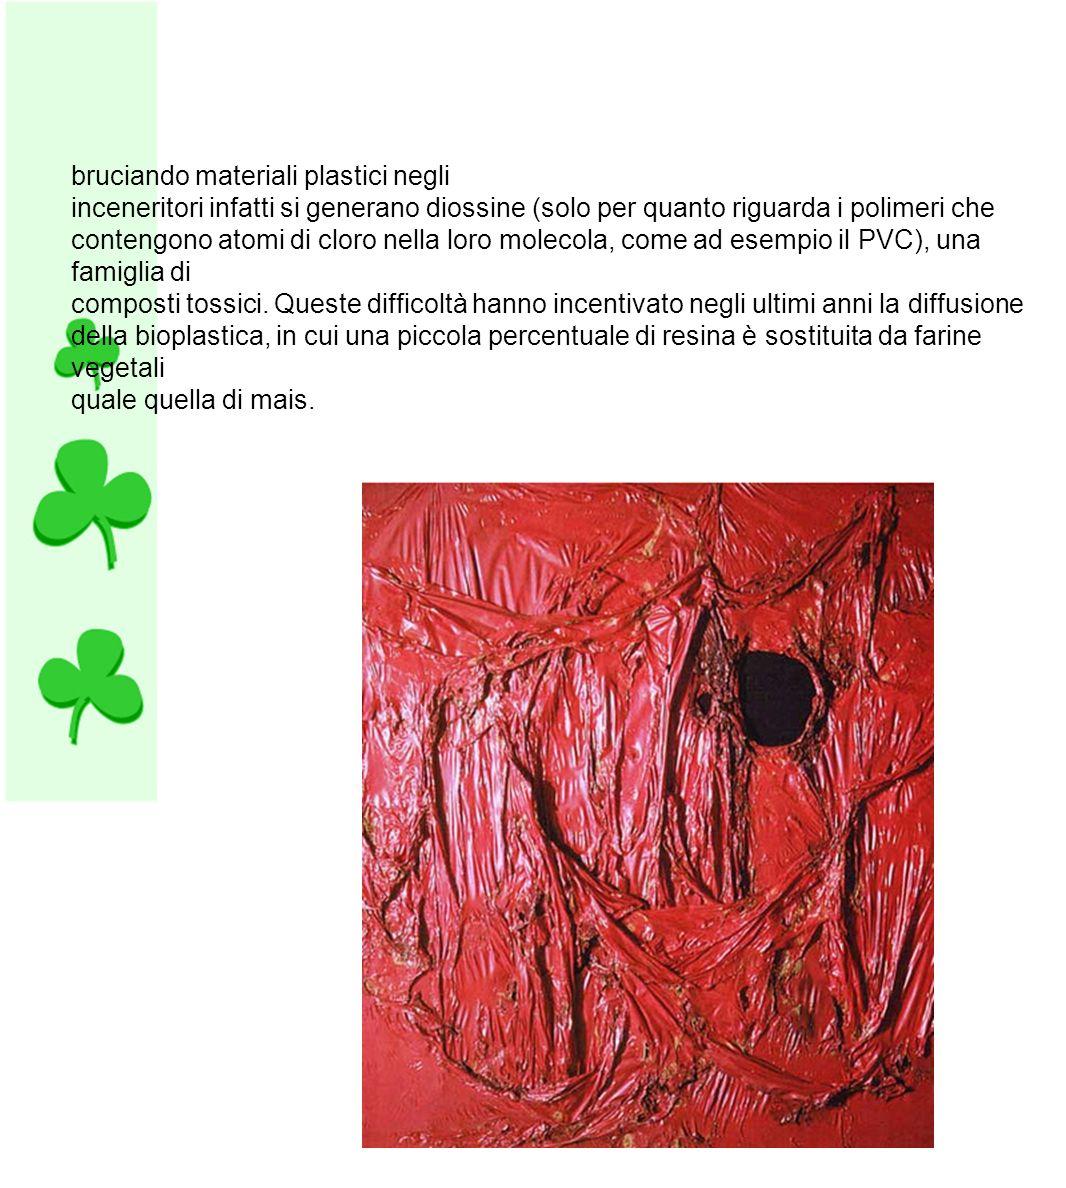 Tra le lavorazioni a cui vengono sottoposte le materie plastiche, si annoverano:[5] ·· stampaggio per compressione ·· stampaggio ad iniezione[6] ·· stampaggio per trasferimento ·· formatura per estrusione[7] ·· calandratura ·· spalmatura ·· colata ·· soffiaggio[8] ·· termoformatura[9] ·· estrusione in bolla ·· pultrusione.